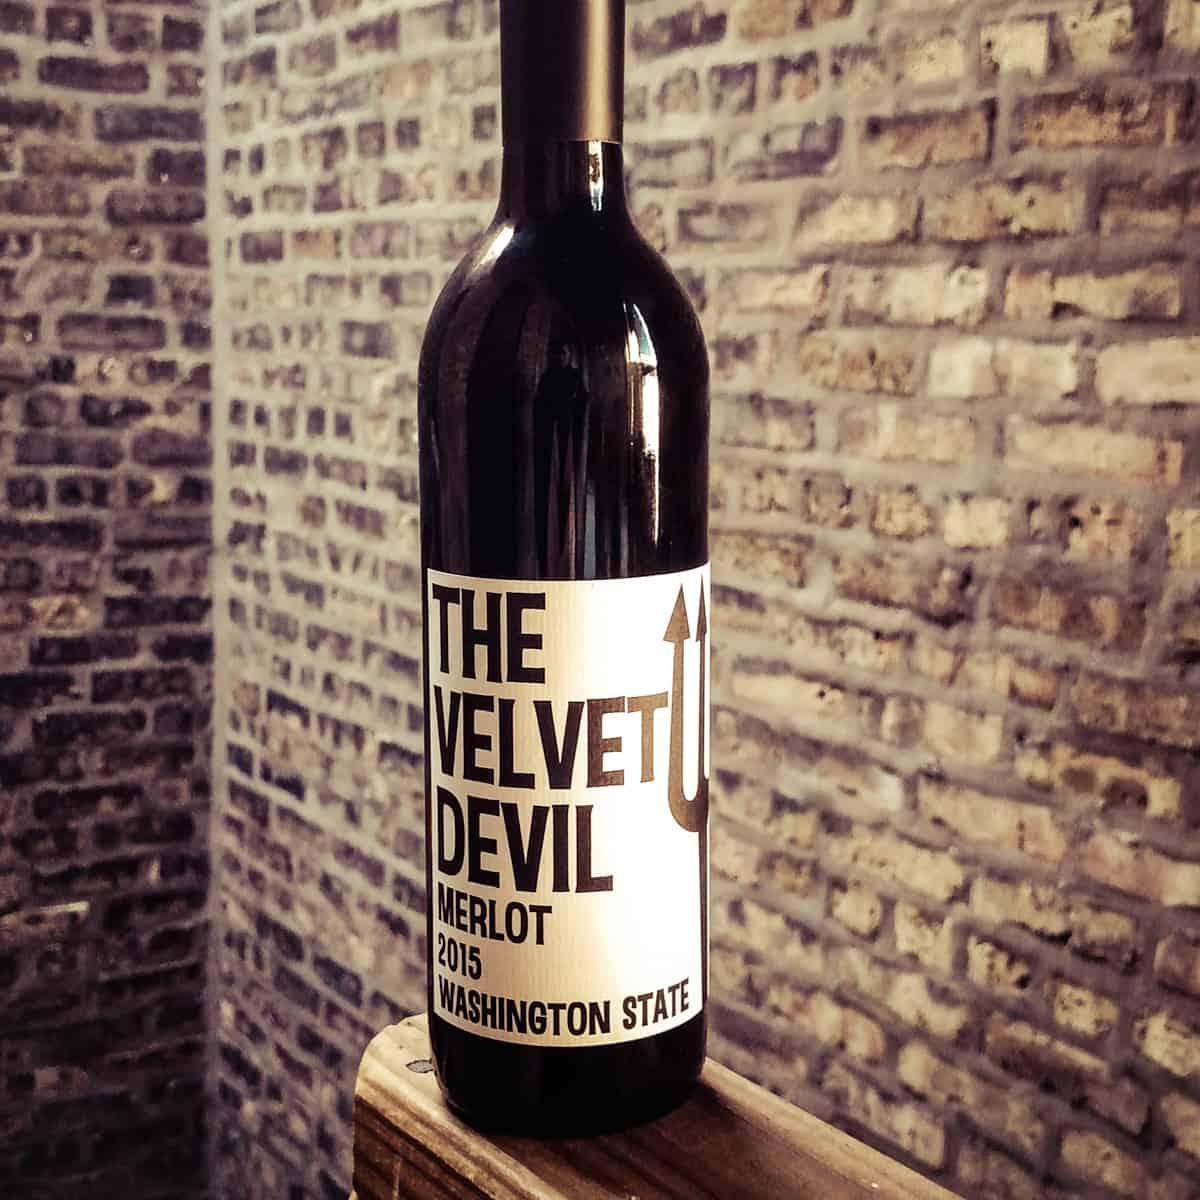 The Velvet Devil, Merlot - Washington State